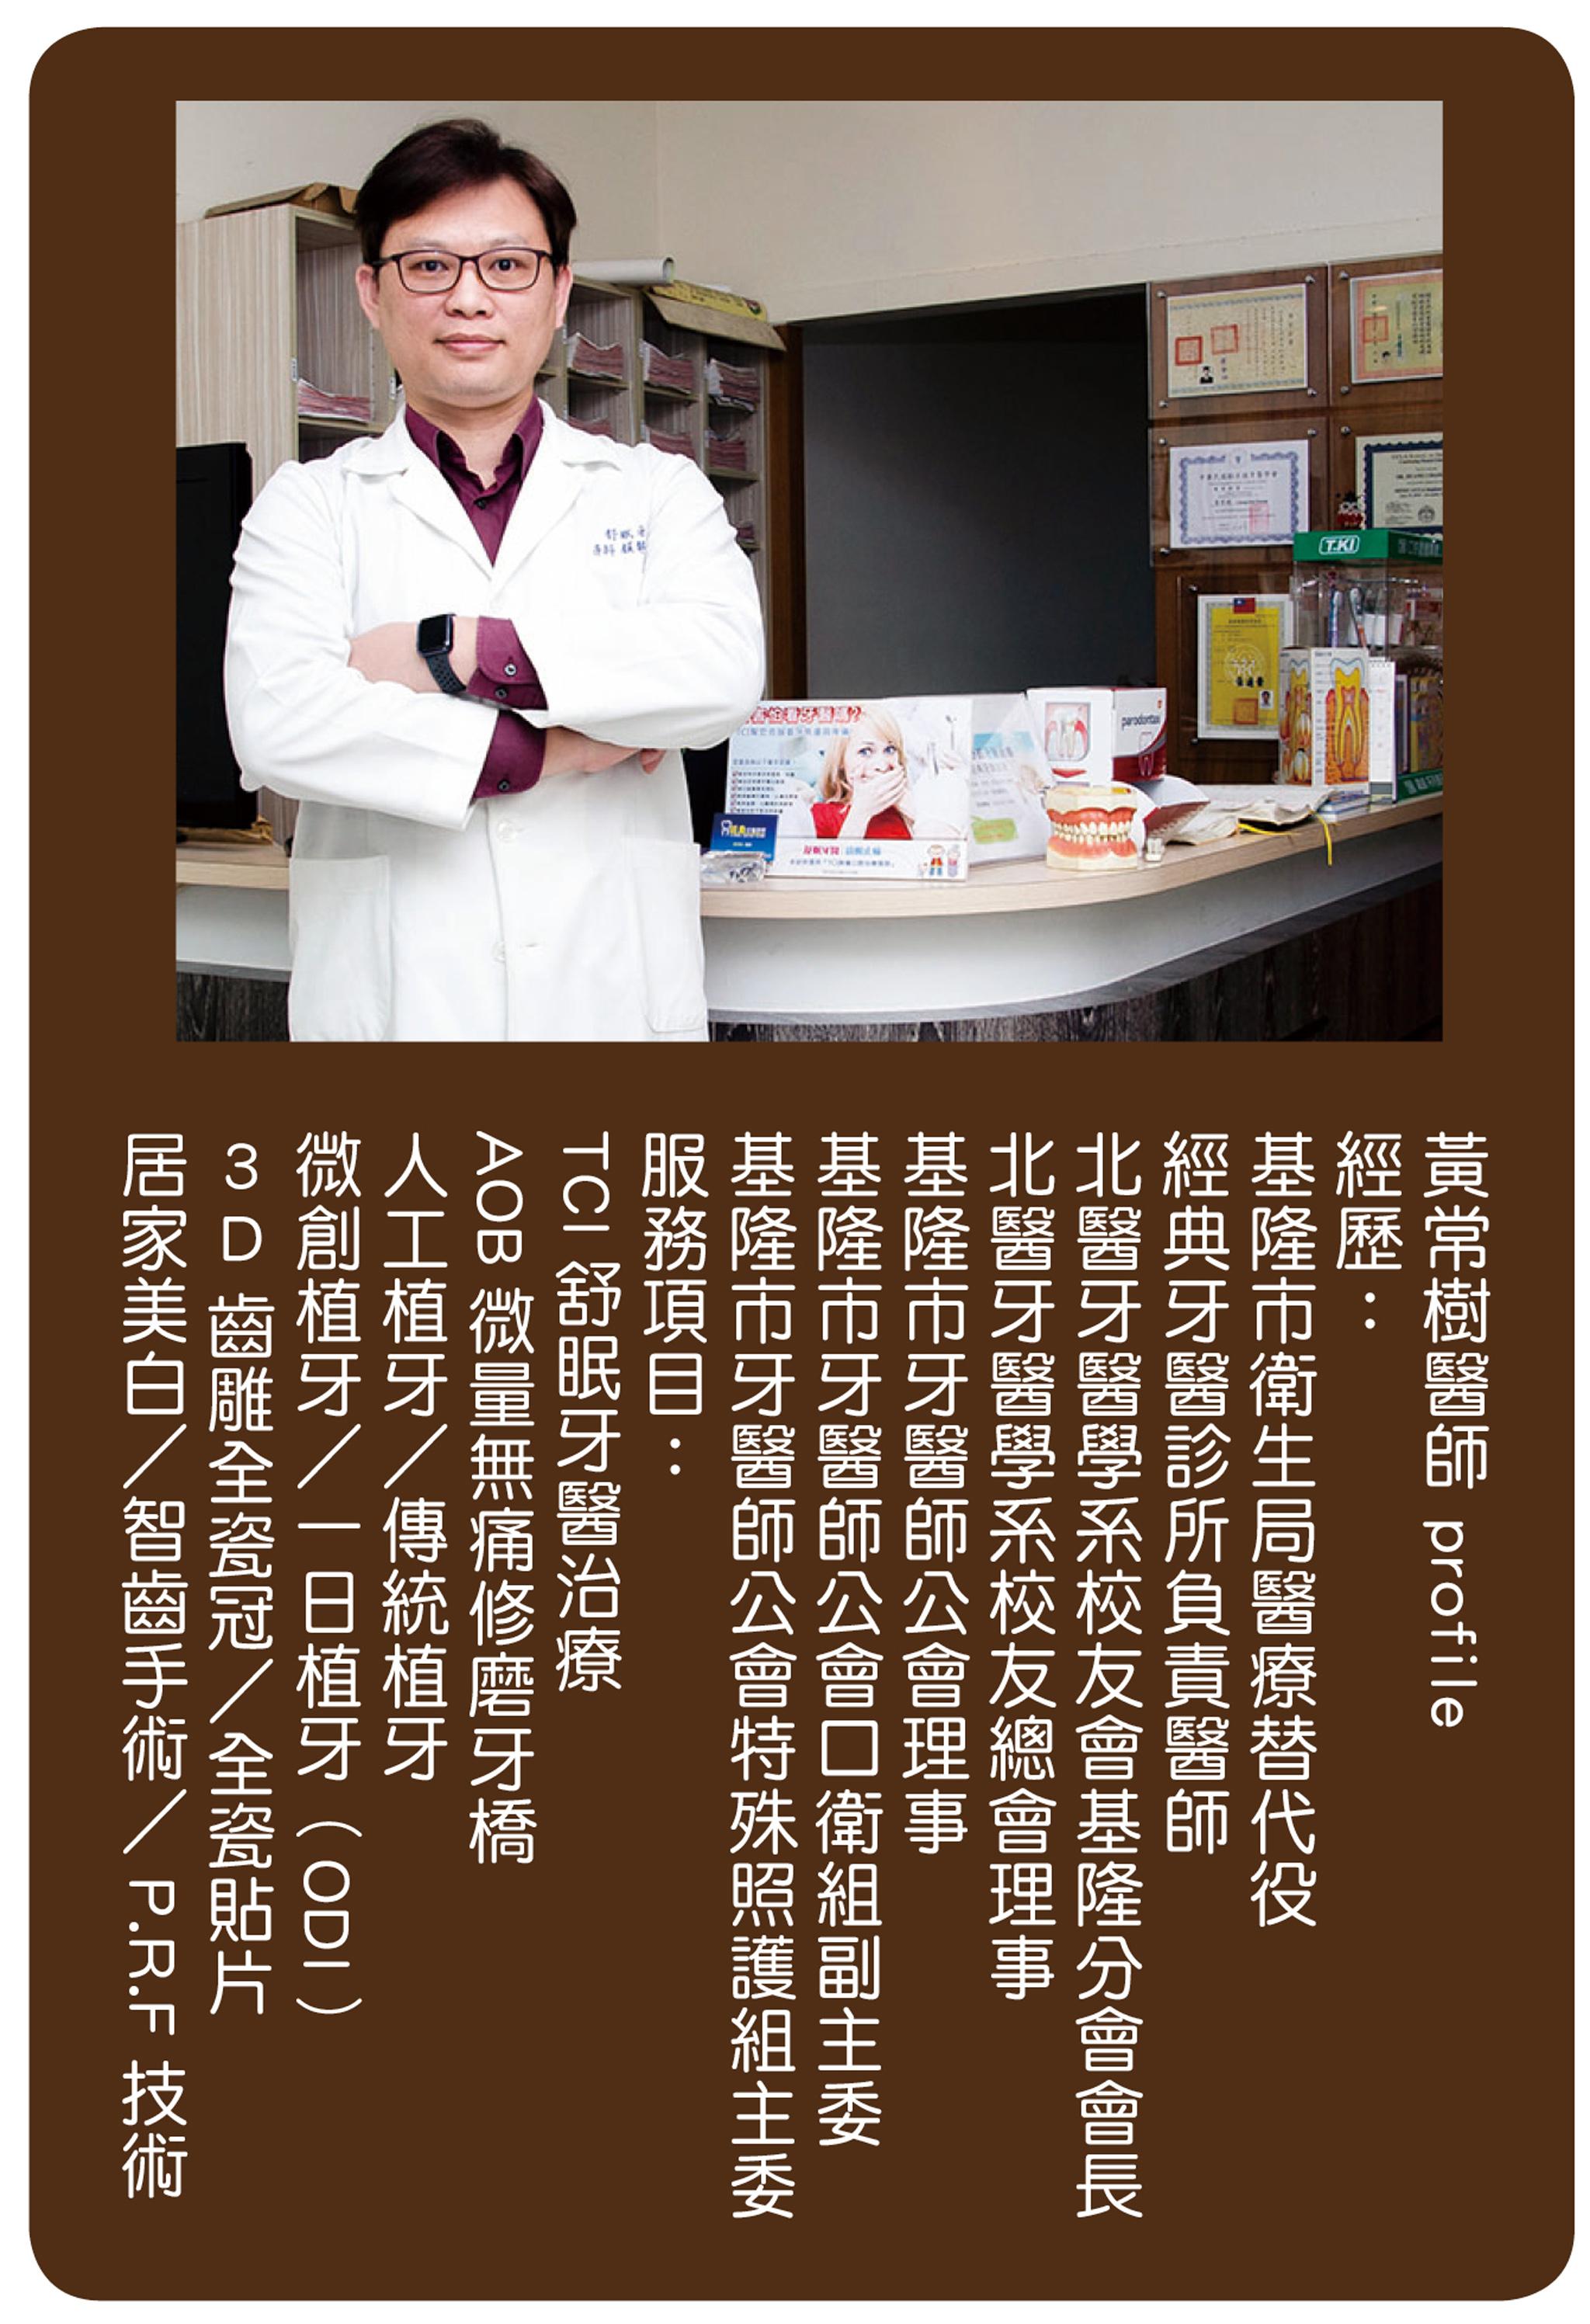 黃常樹醫師小檔案。